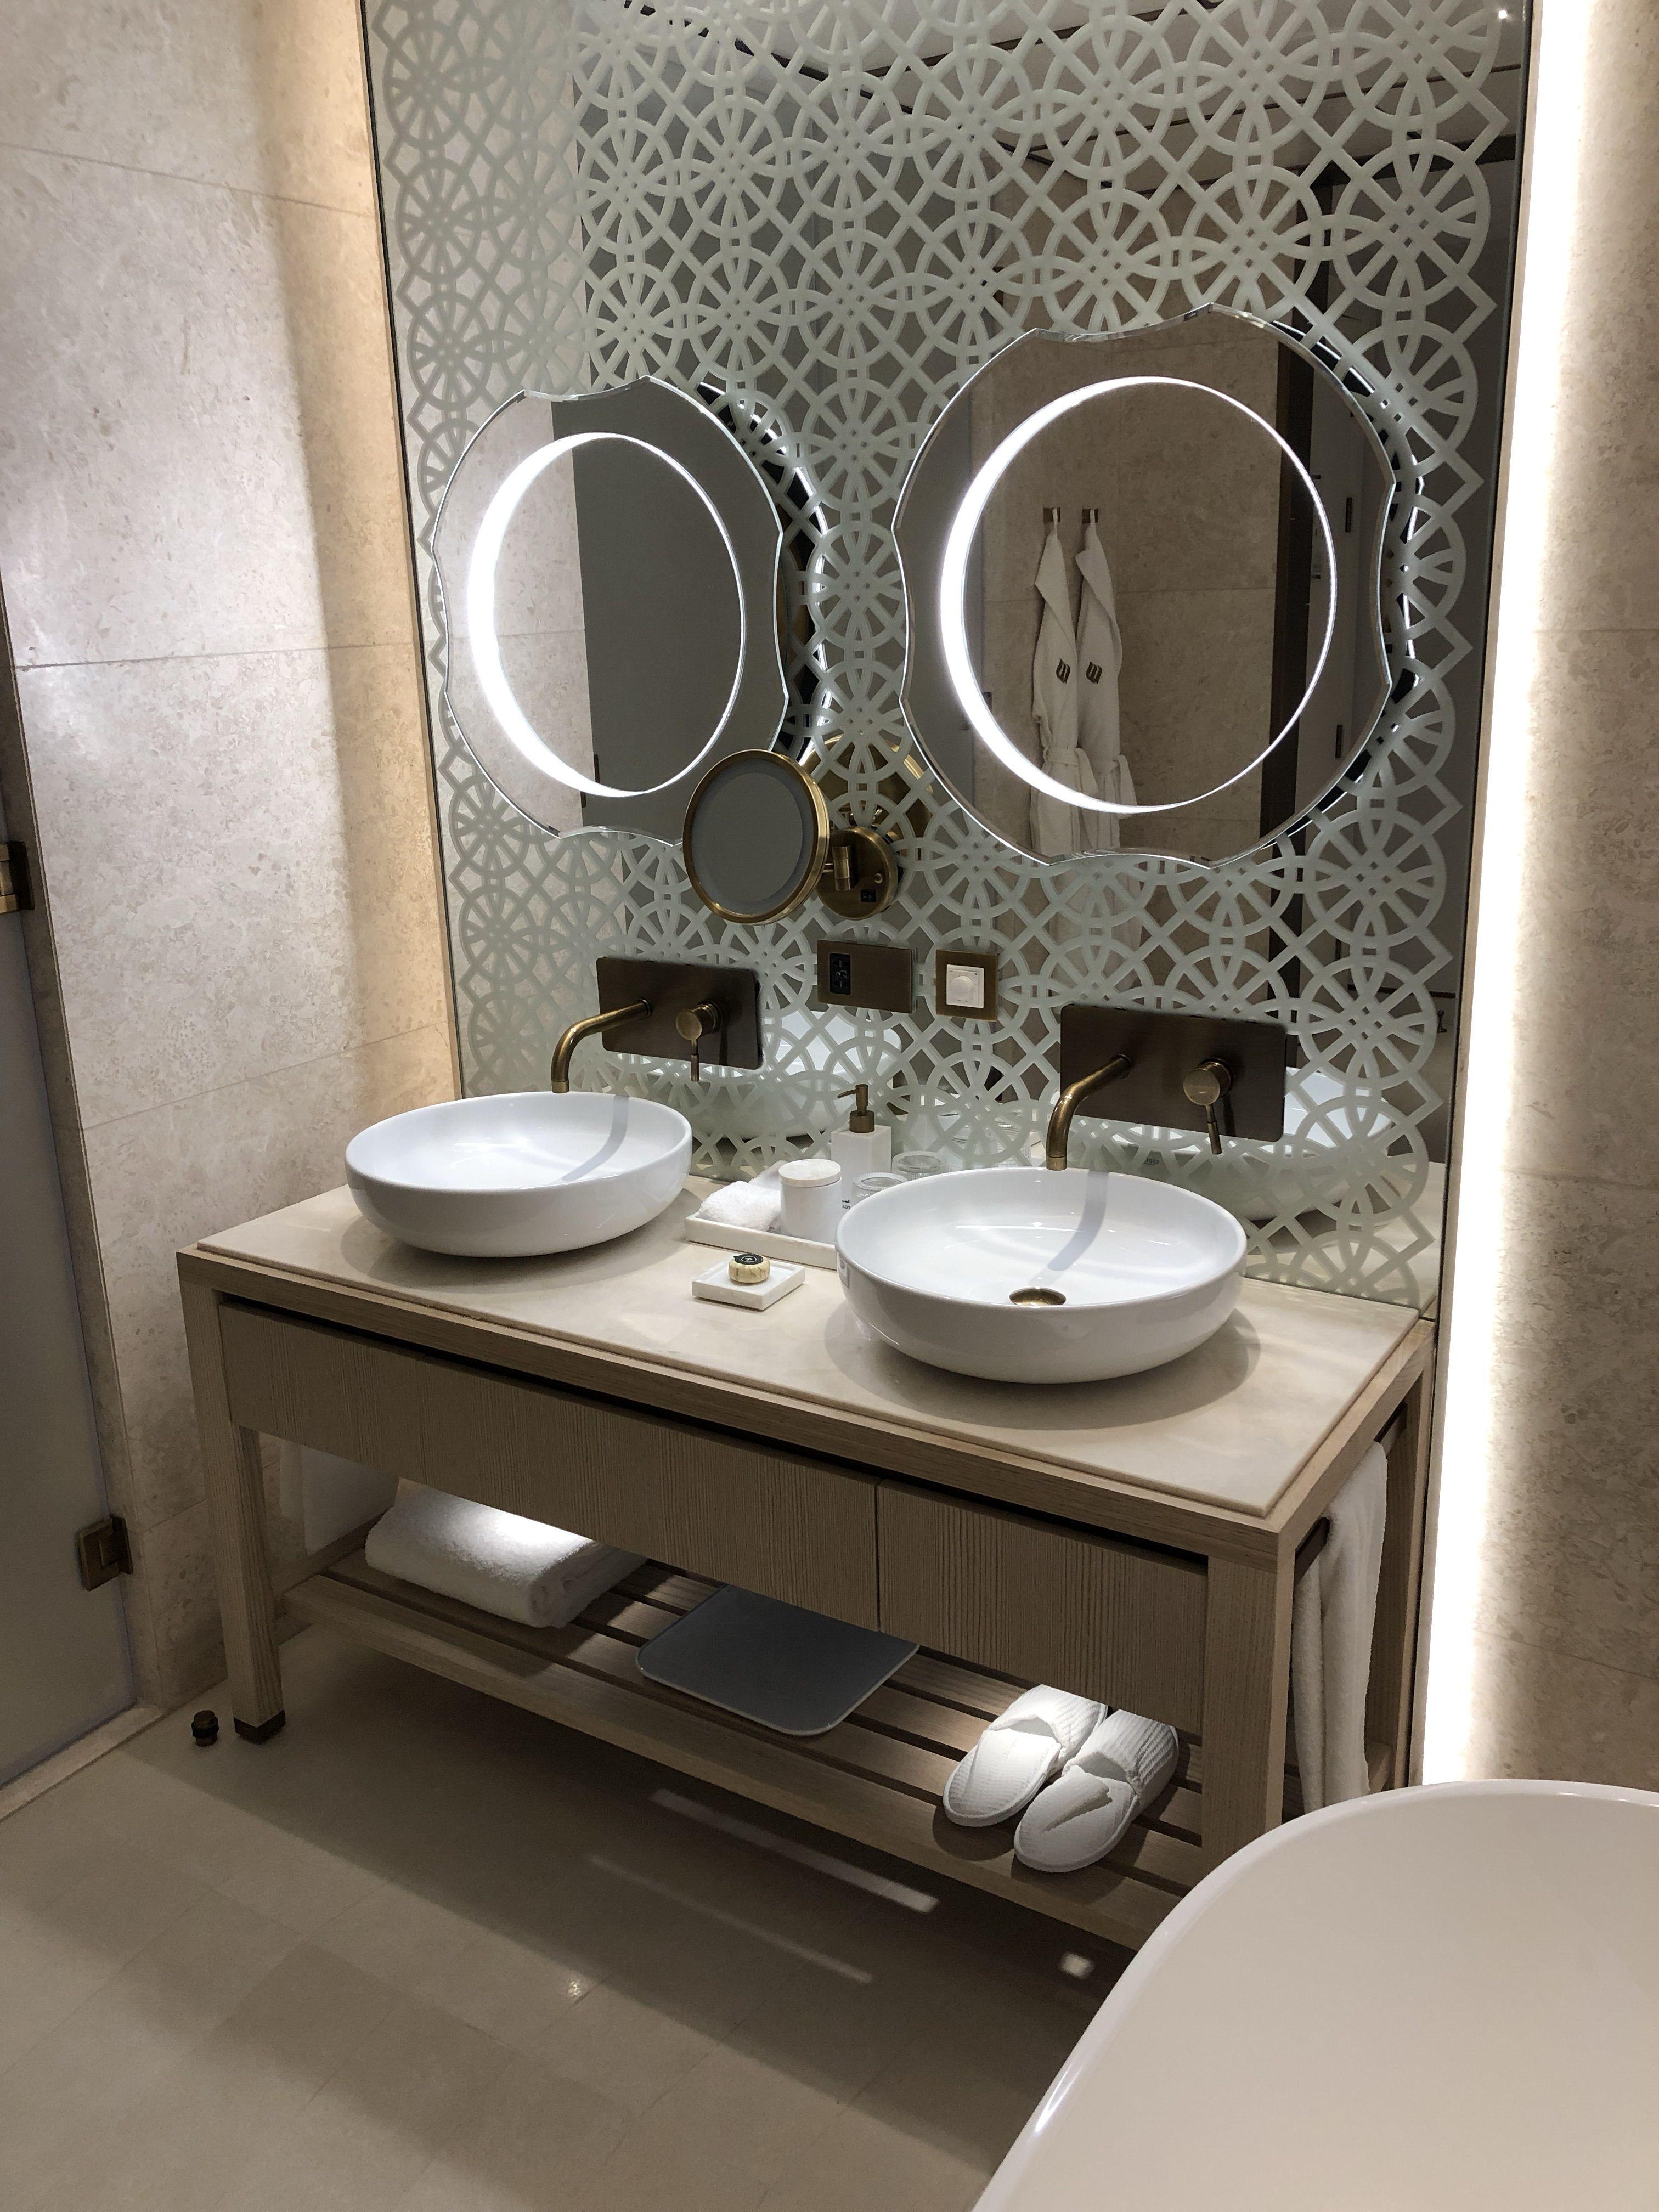 Tegelhuis Montfoort Vloertegels En Wandtegels Voor Een Scherpe Prijs Design Badkamer Tegels Tegel Badkamer